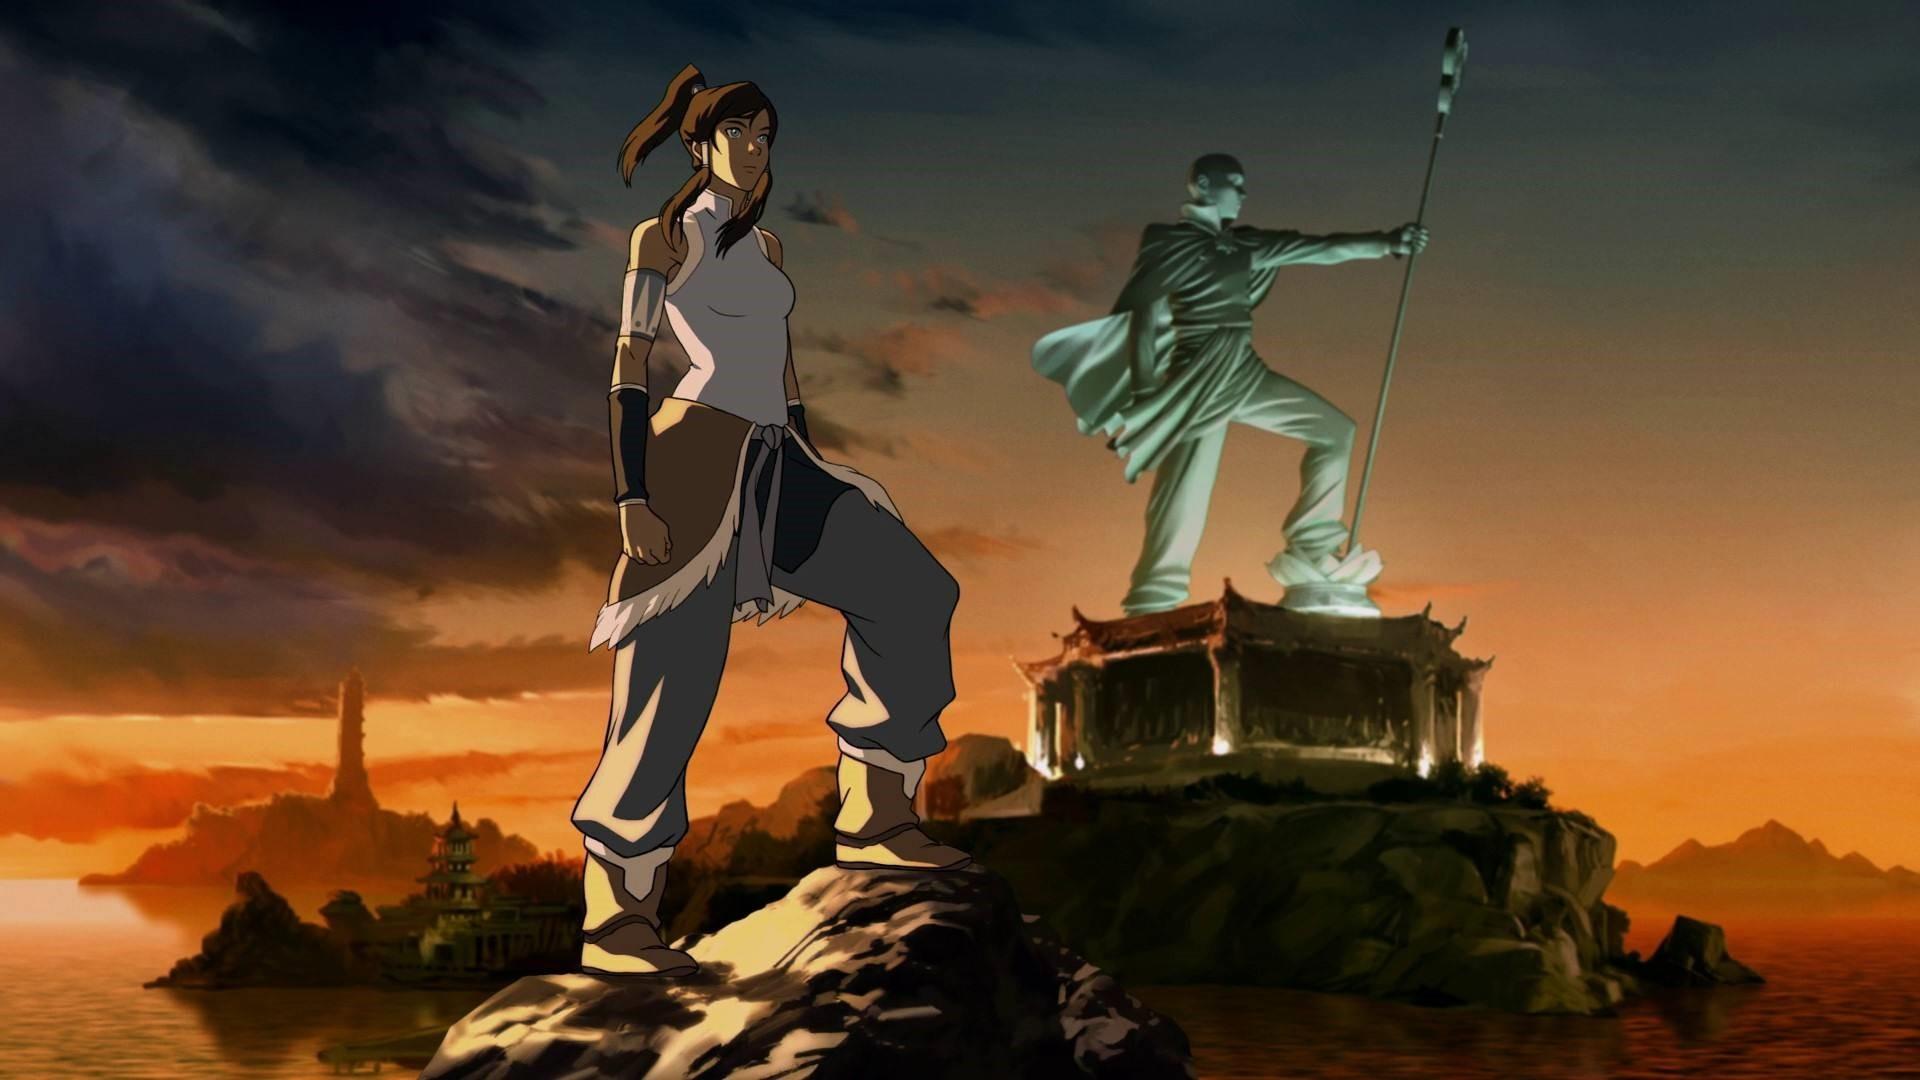 The Legend Of Korra HD Wallpaper